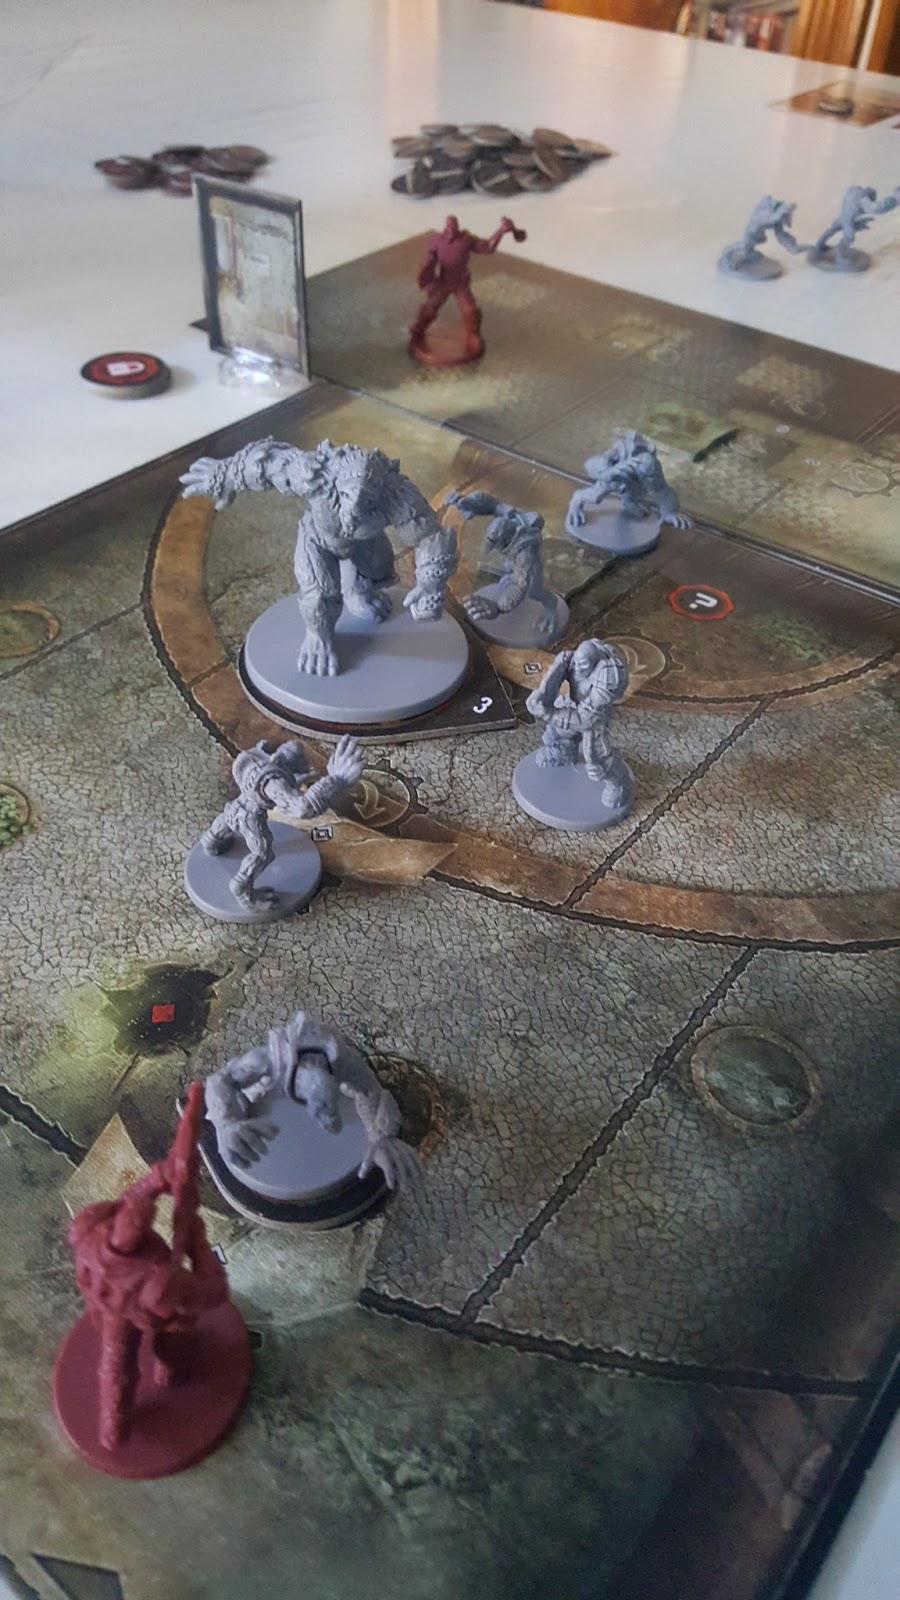 Gears of war el juego de mesa camino a la perdicion for Gears of war juego de mesa